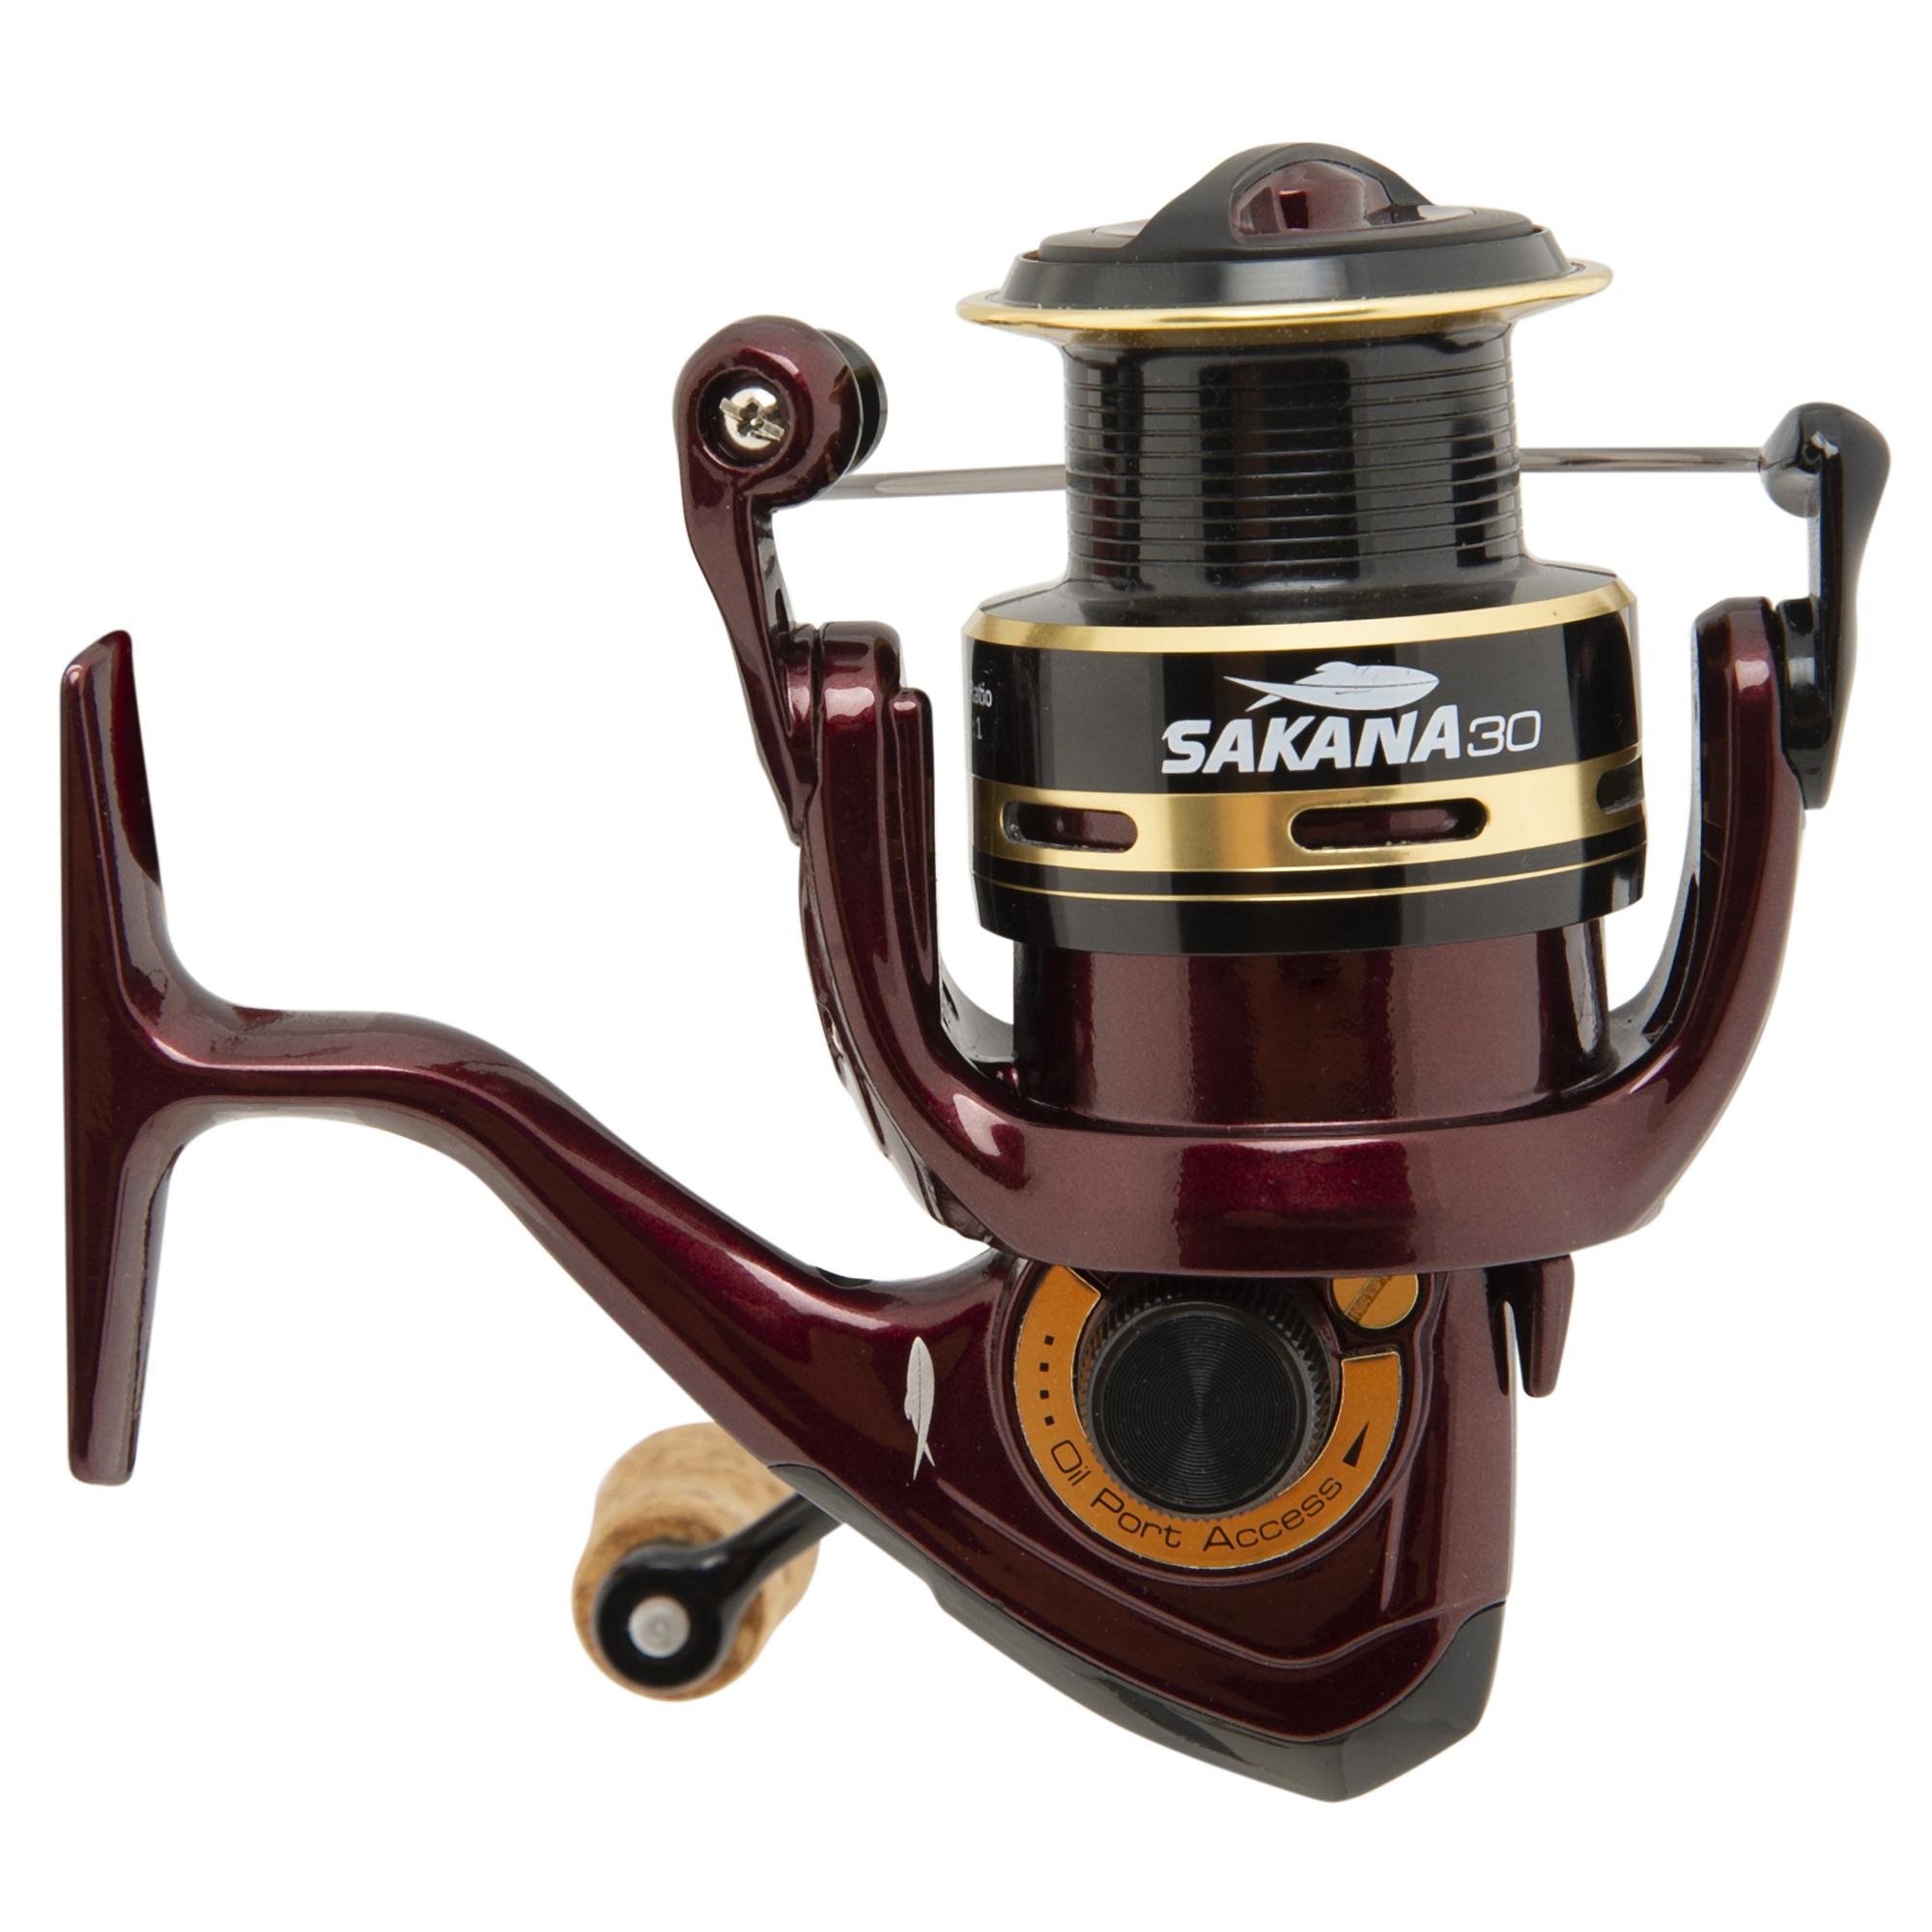 Sakana SK-S4 Spinning Reel, size 10